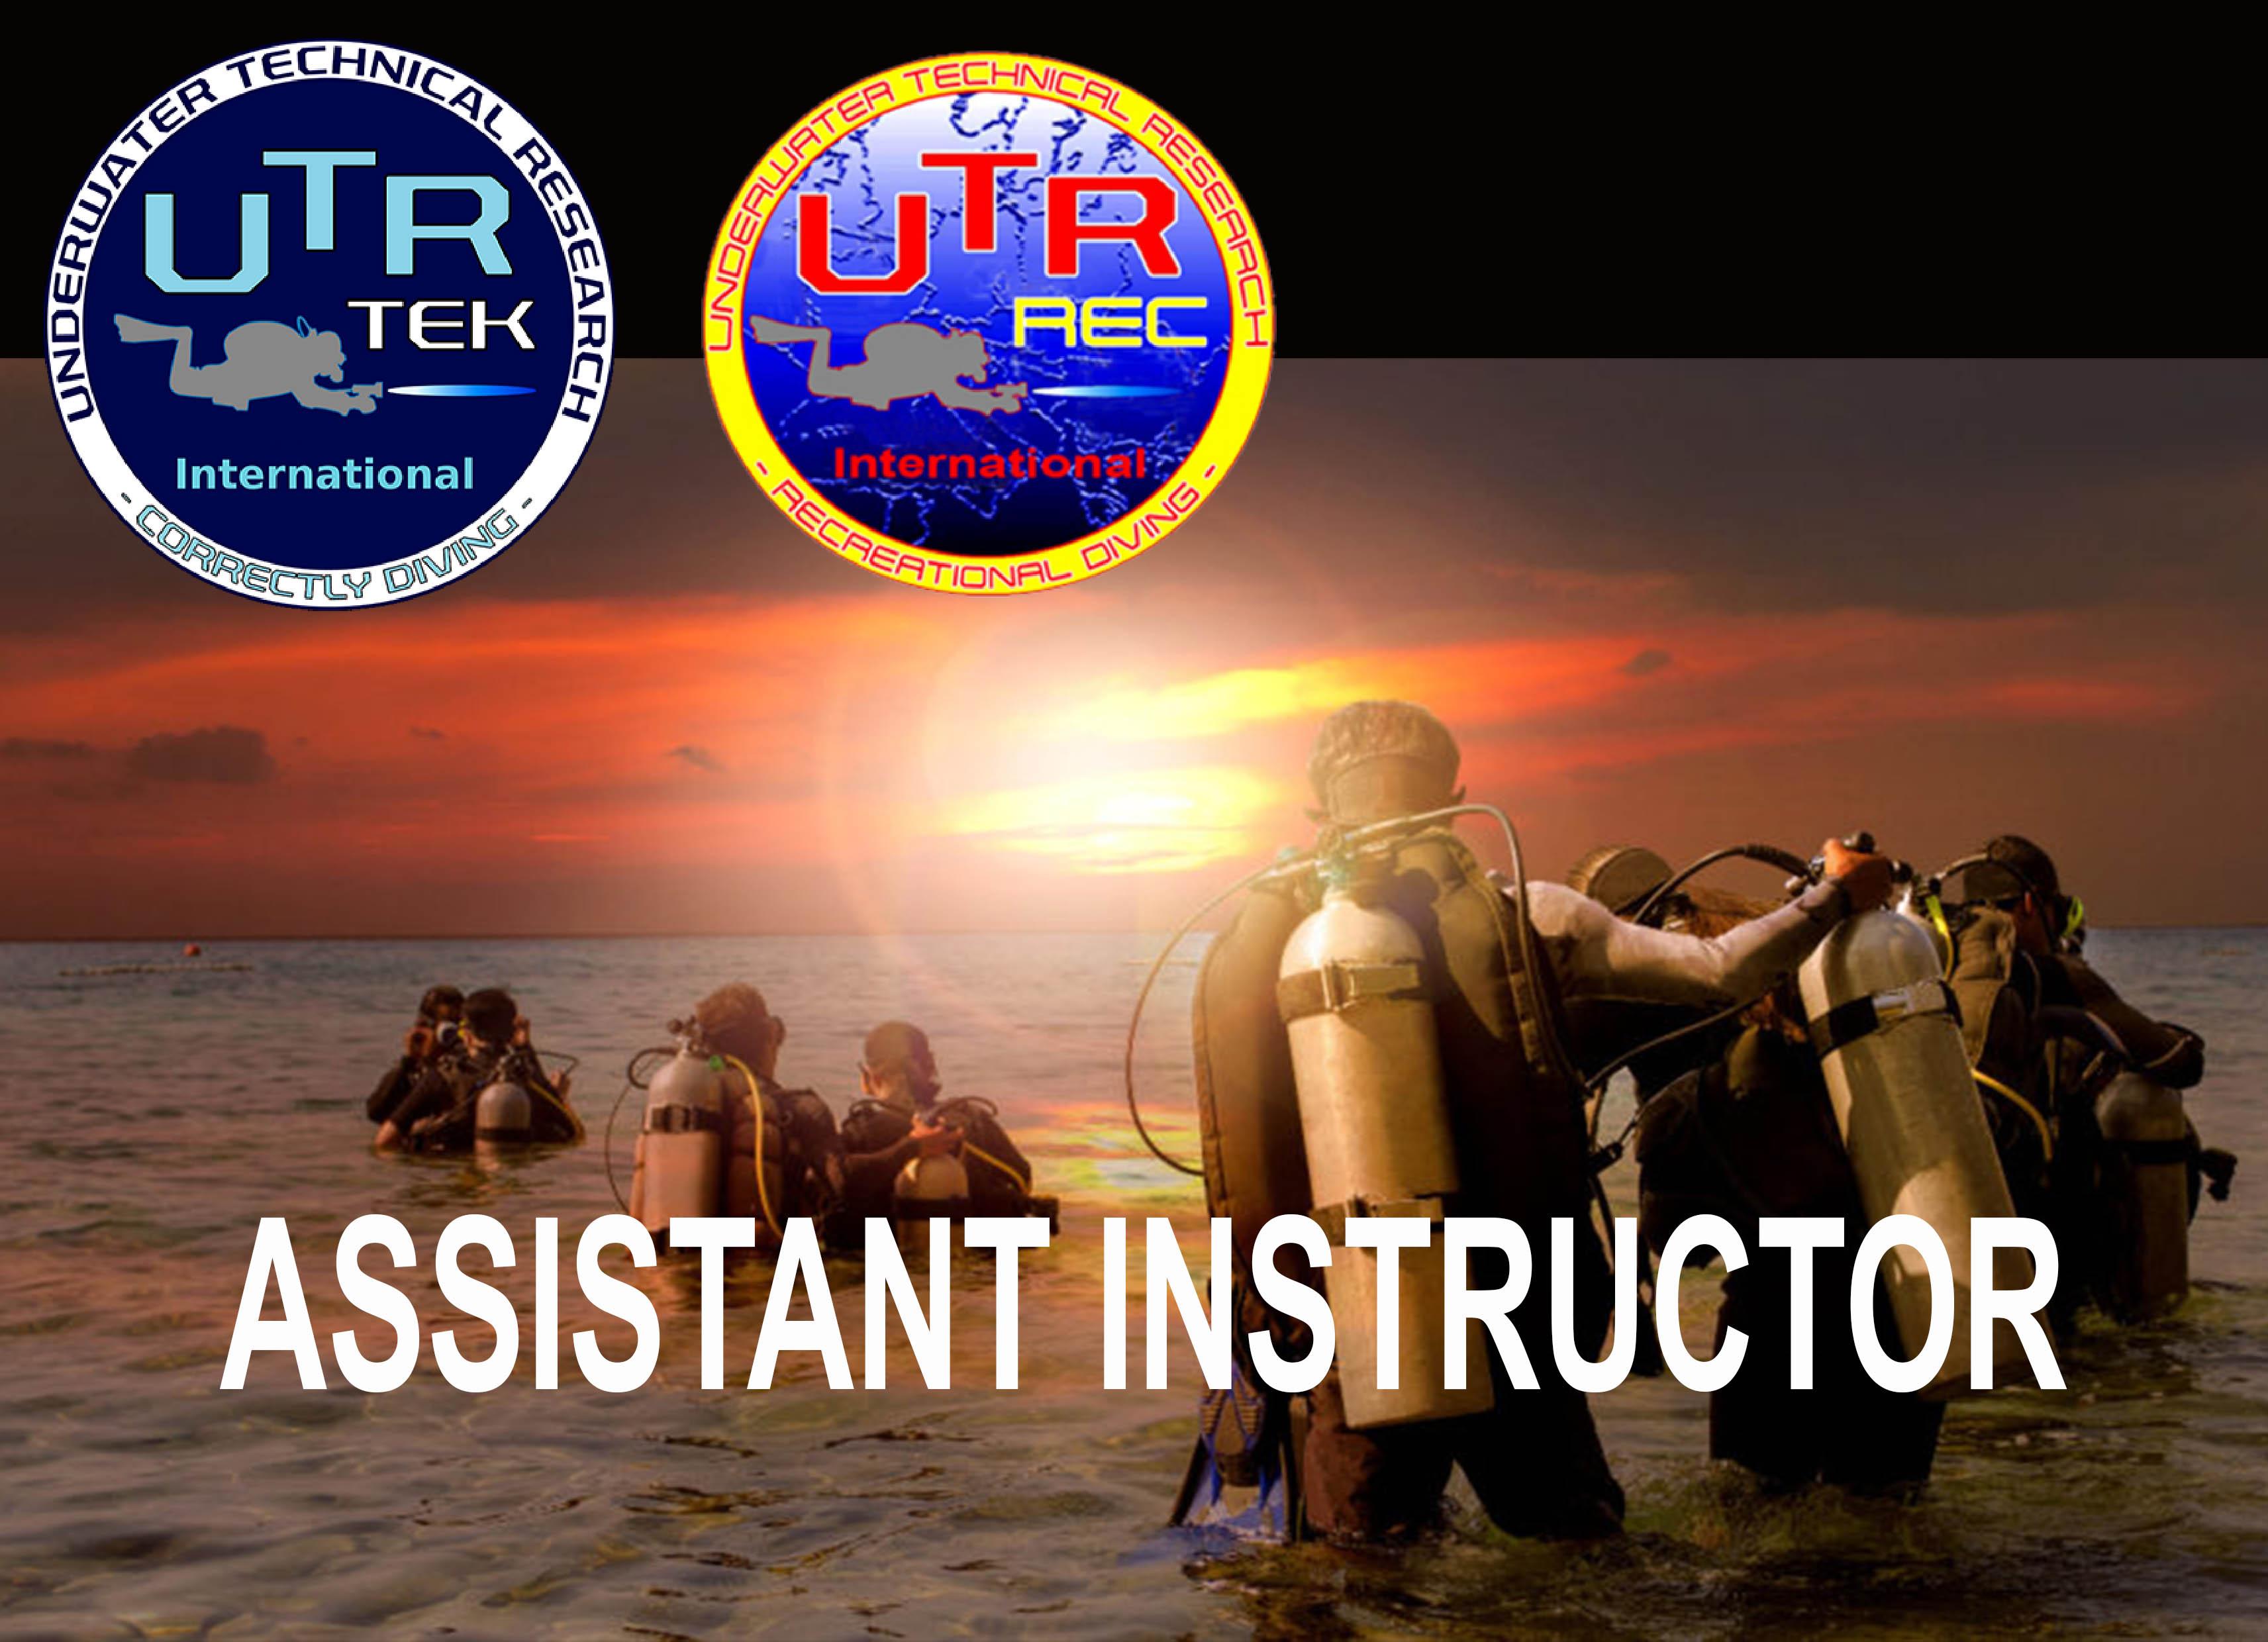 REC 4 - ASSISTANT INSTRUCTOR